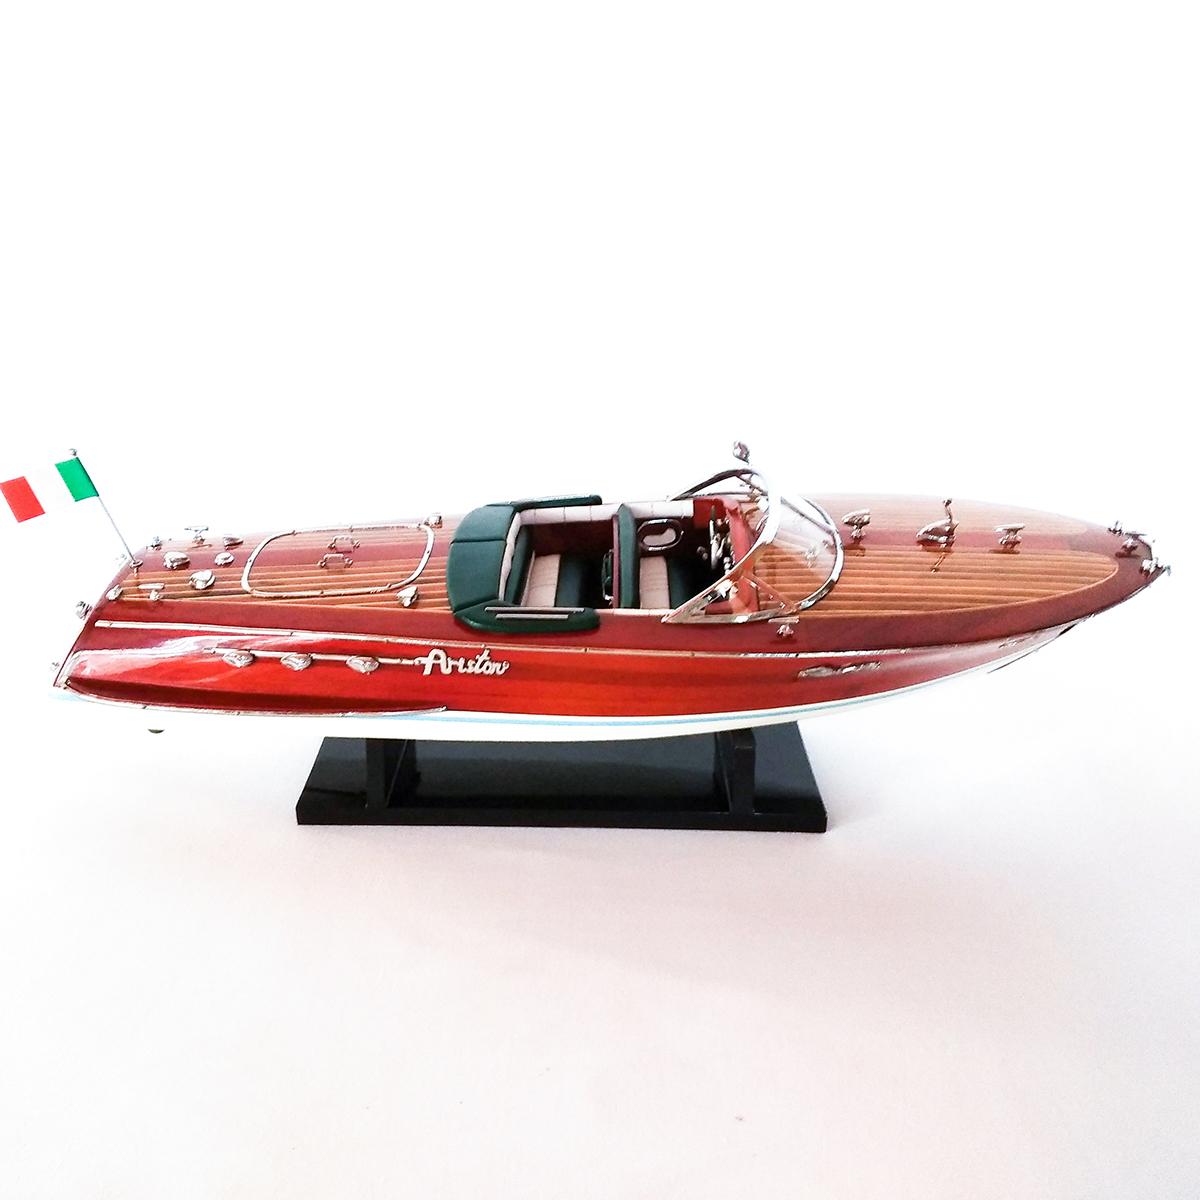 Riva Ariston festett makett Motorcsónak makett